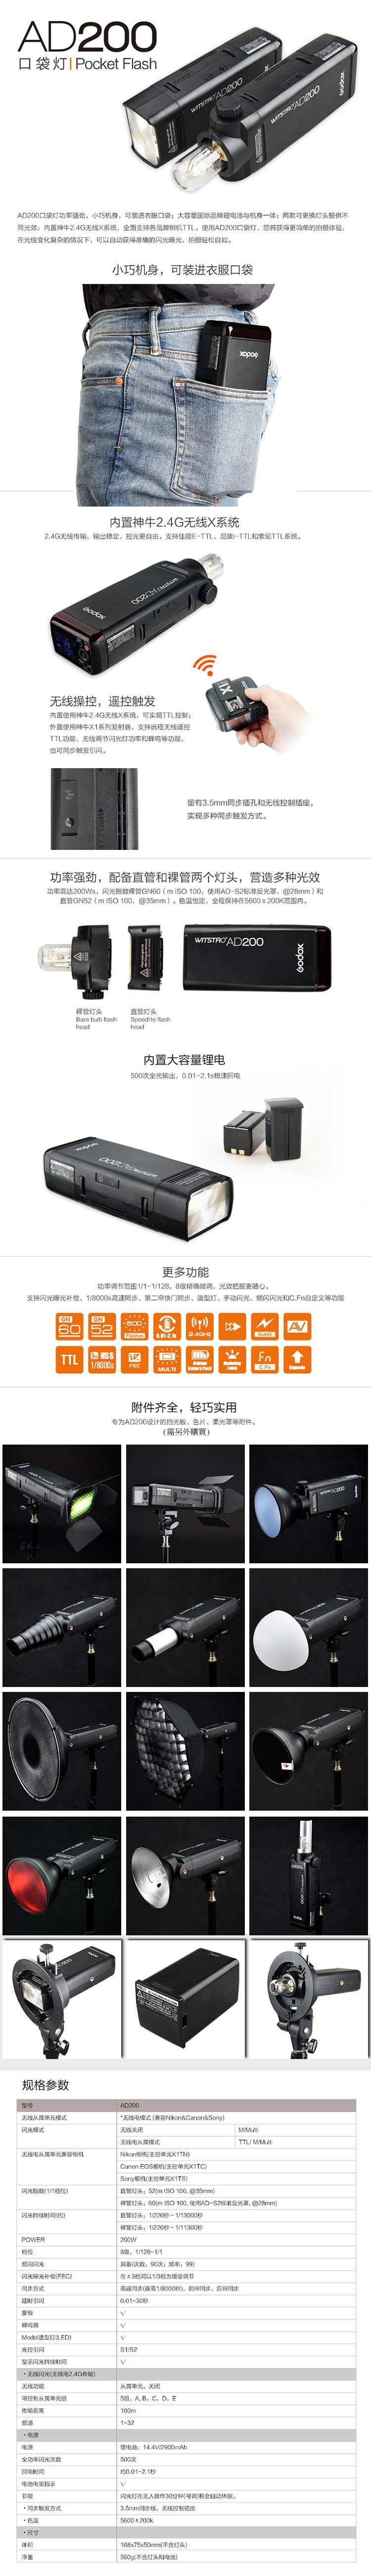 godox-ad-200-compact-flash-yingkee.jpg